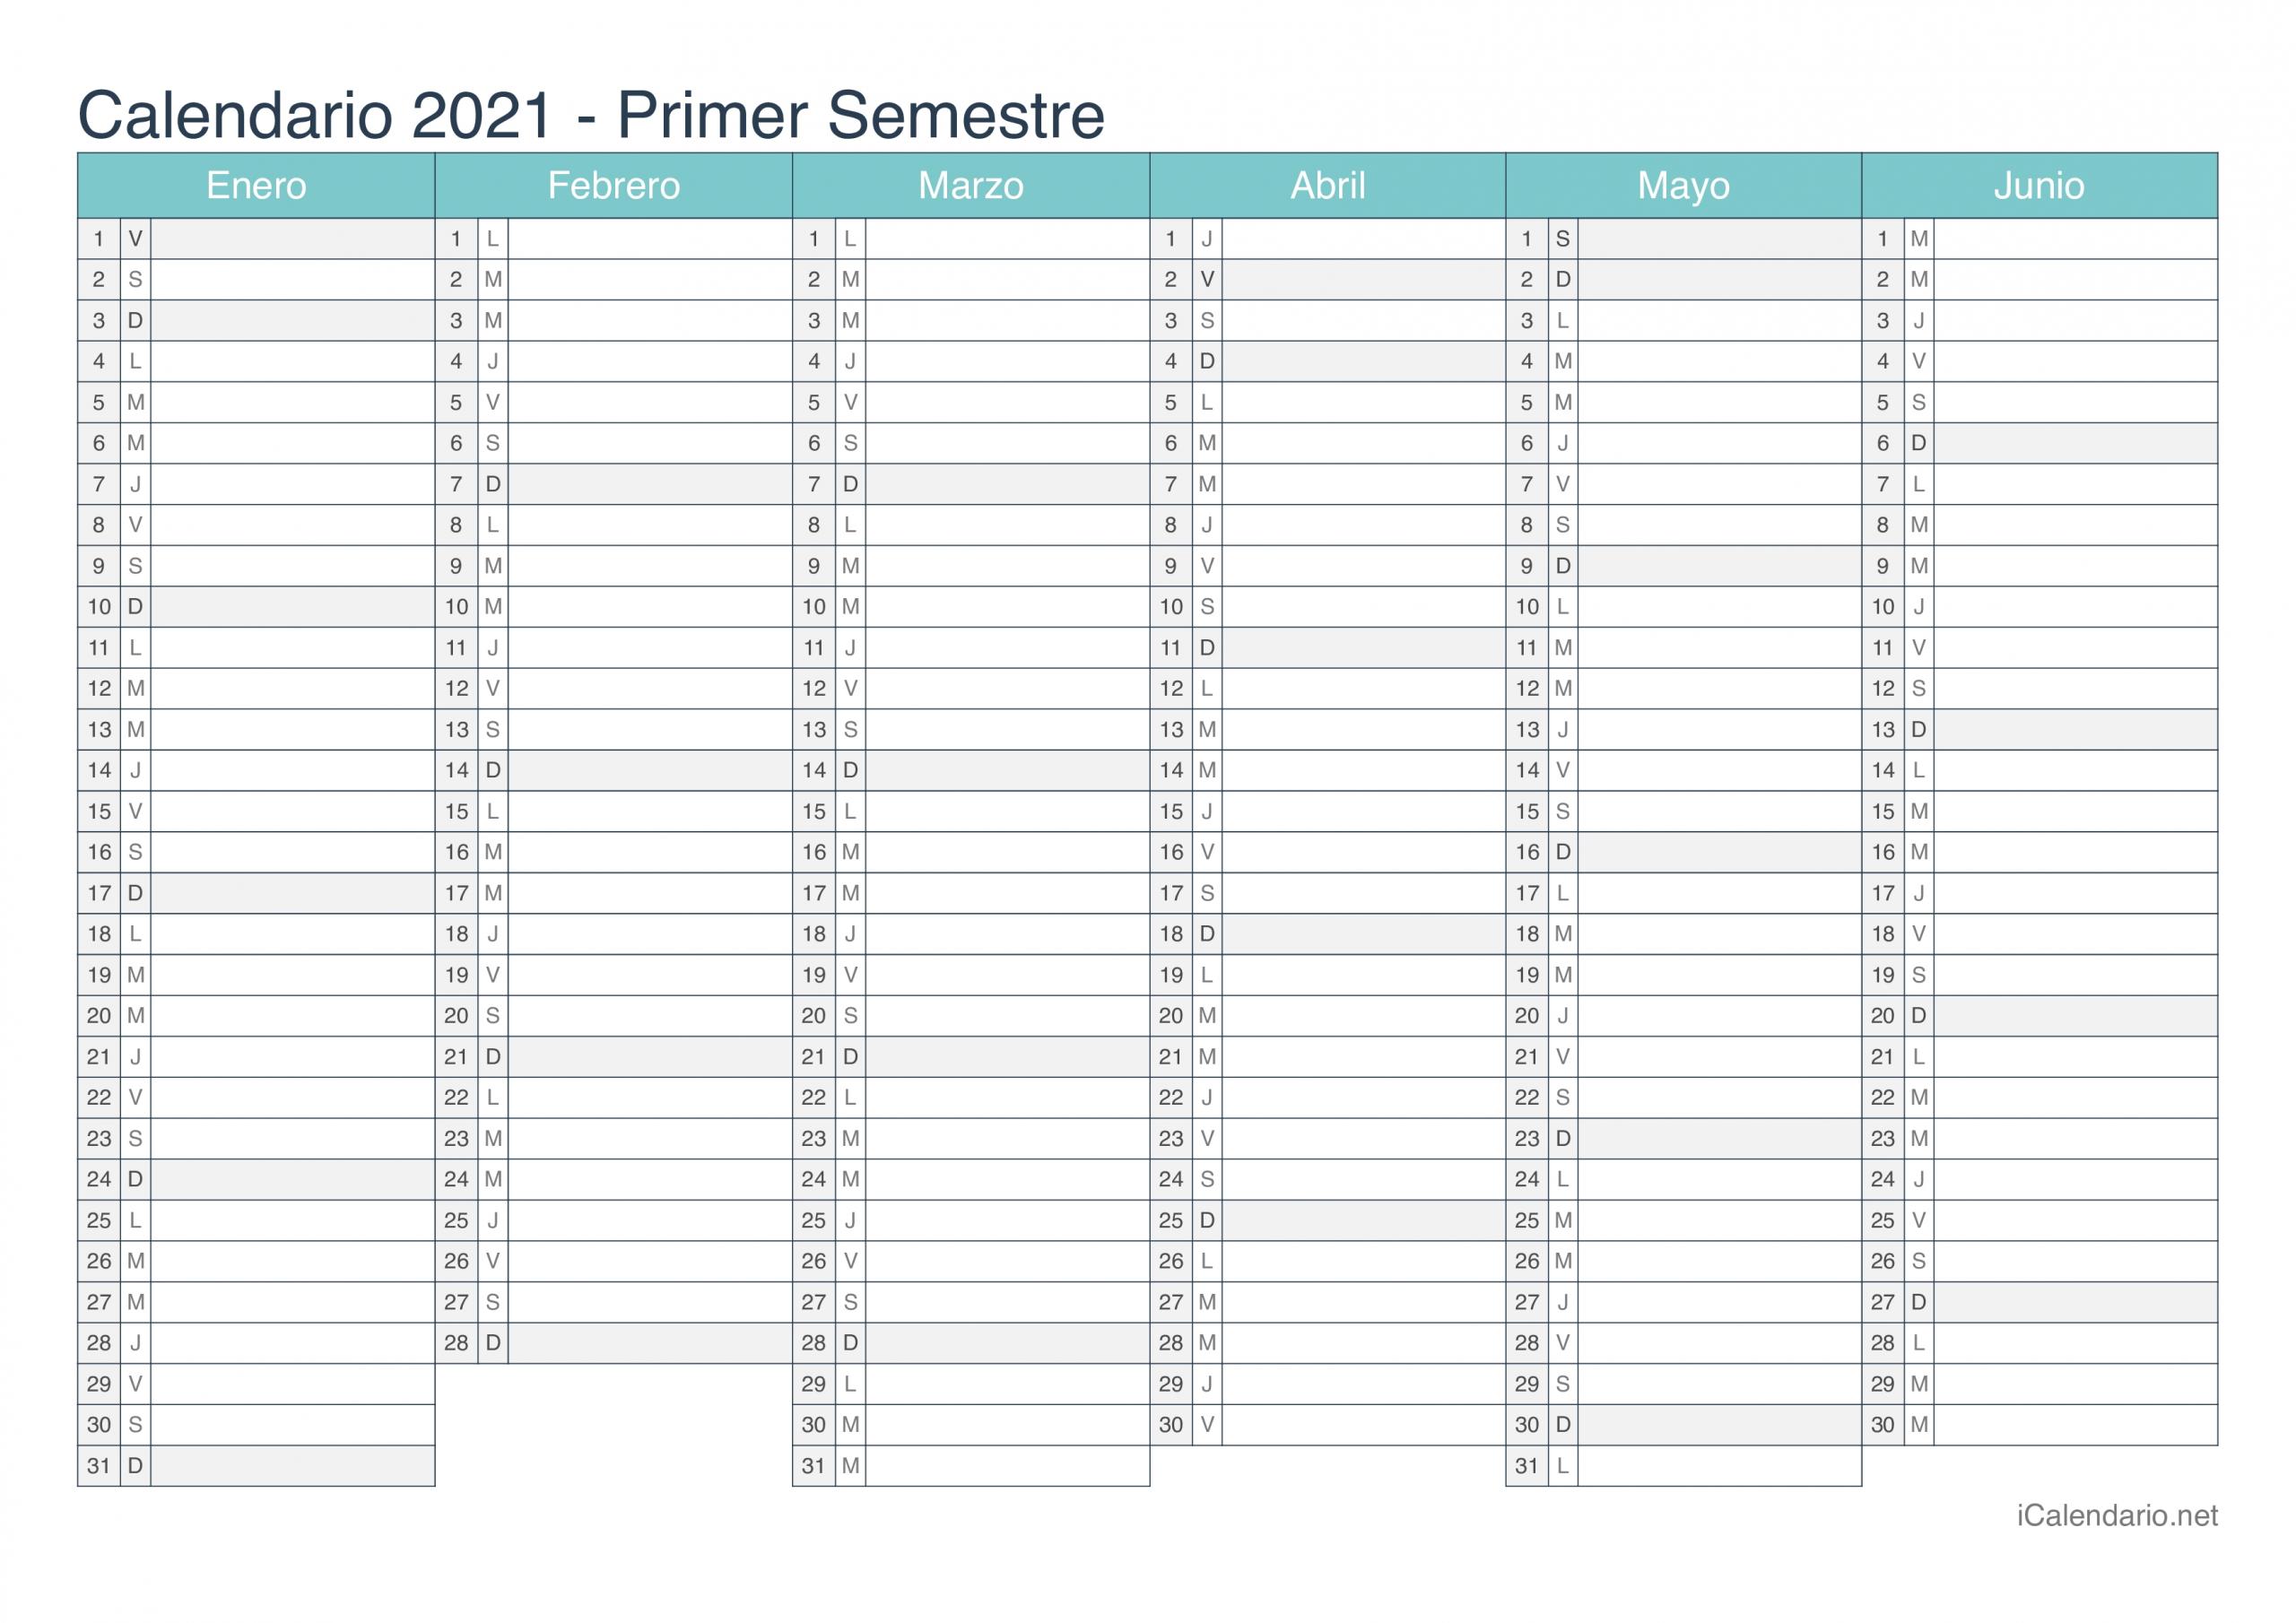 Calendario 2021 Para Imprimir - Icalendario